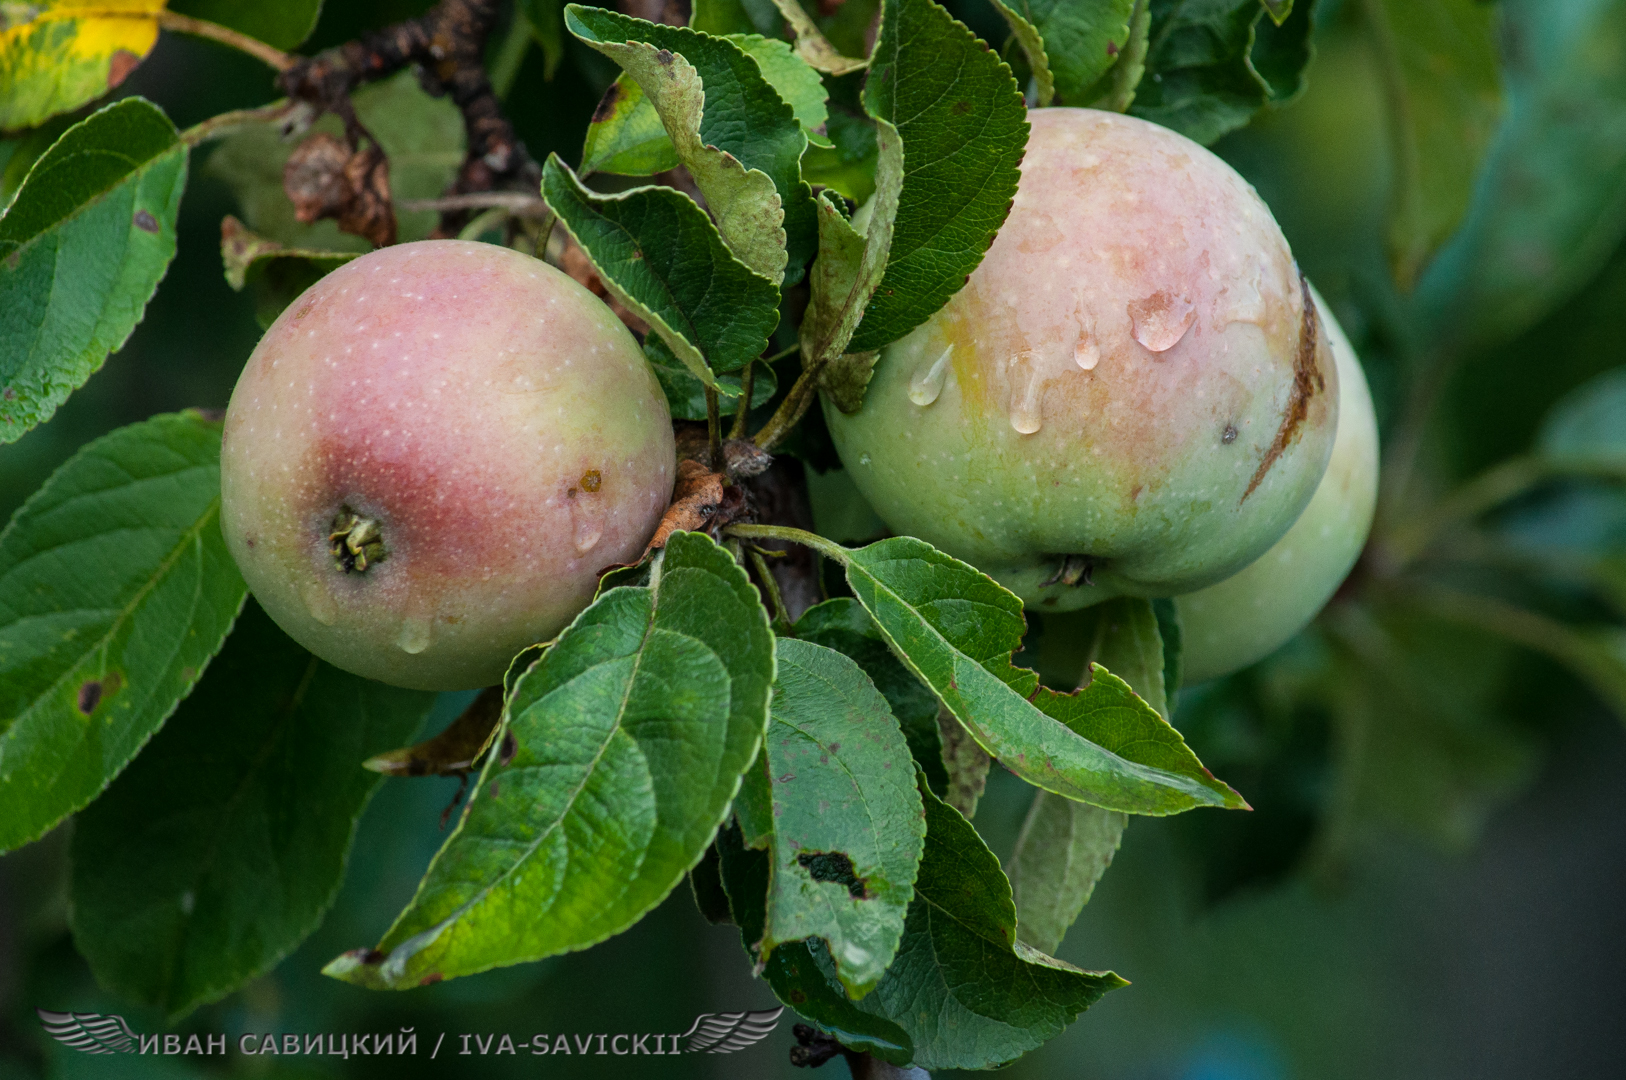 дождевые капли на яблоках, фотоаппарат Nikon D90